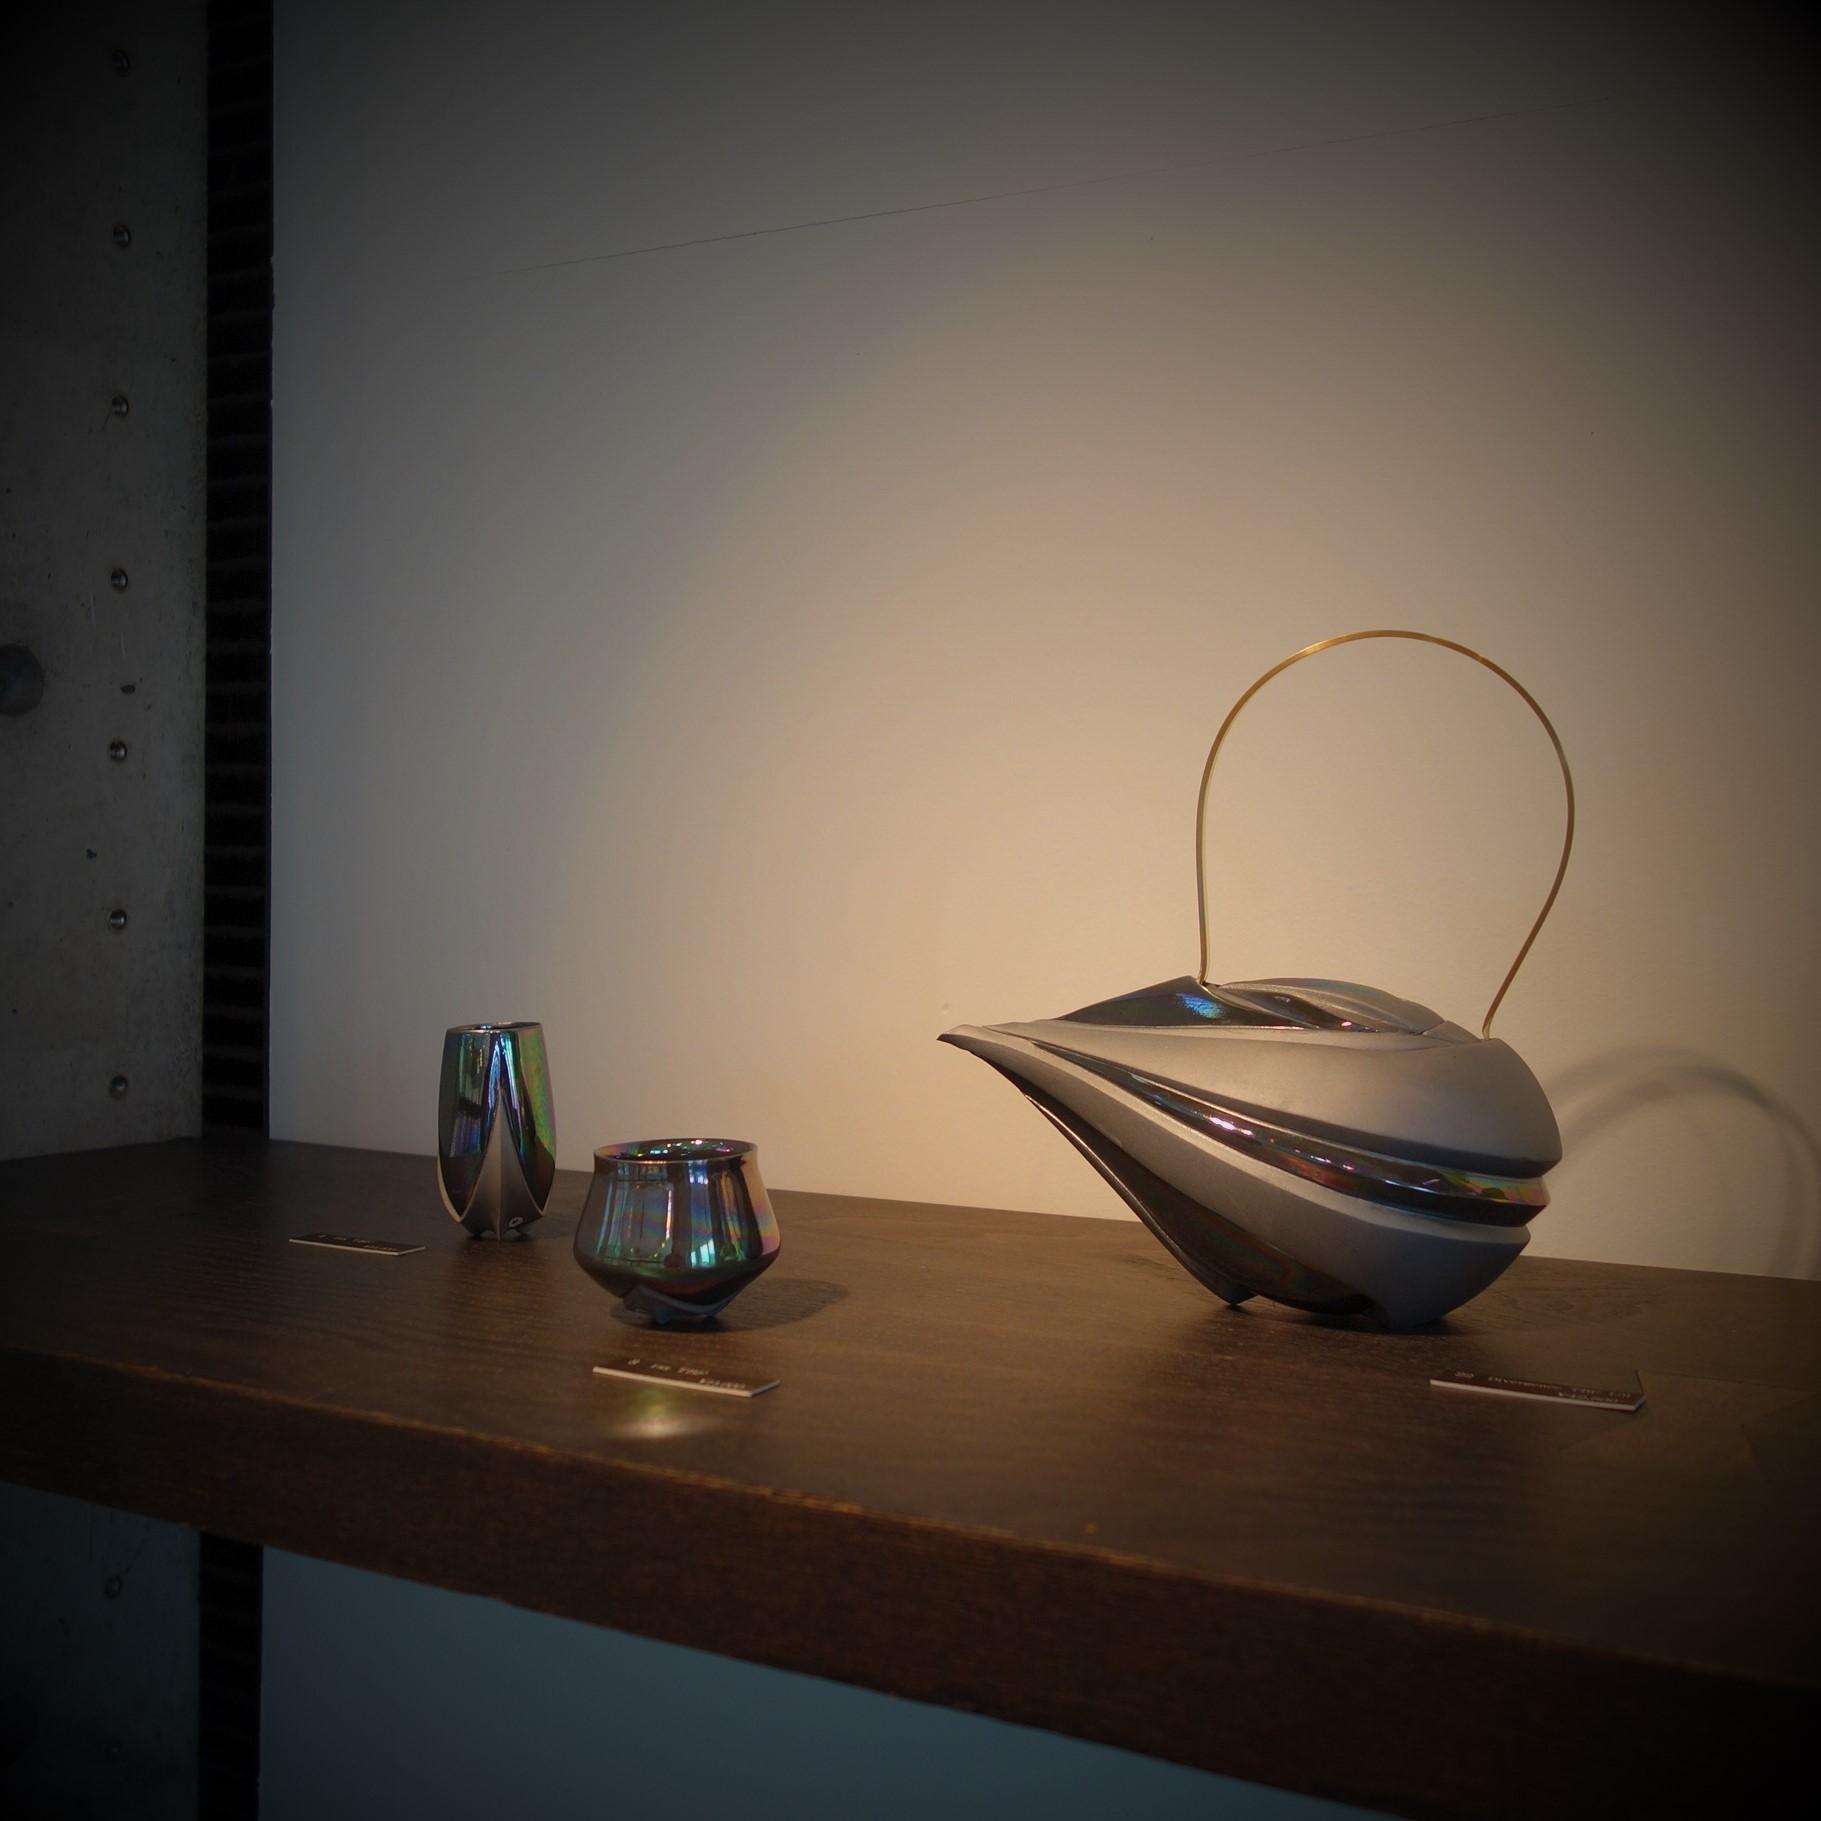 ー 松村 淳 作品展 ー 開催中です_b0232919_11553762.jpg